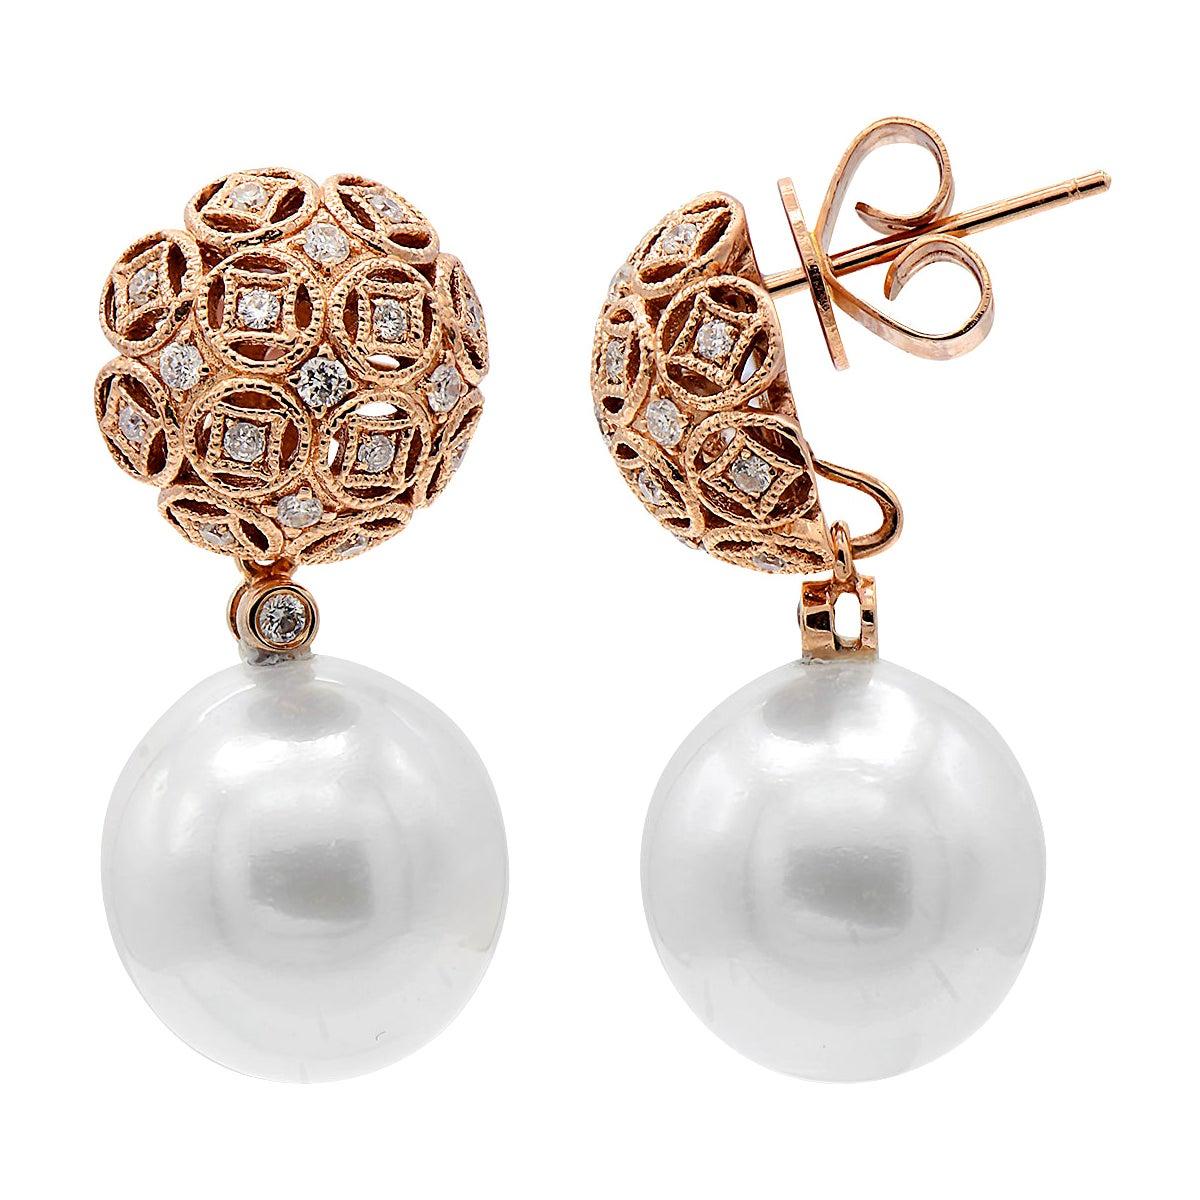 Diamond South Sea Pearl Drop Earrings 0.30 Carat 18 Karat Rose Gold